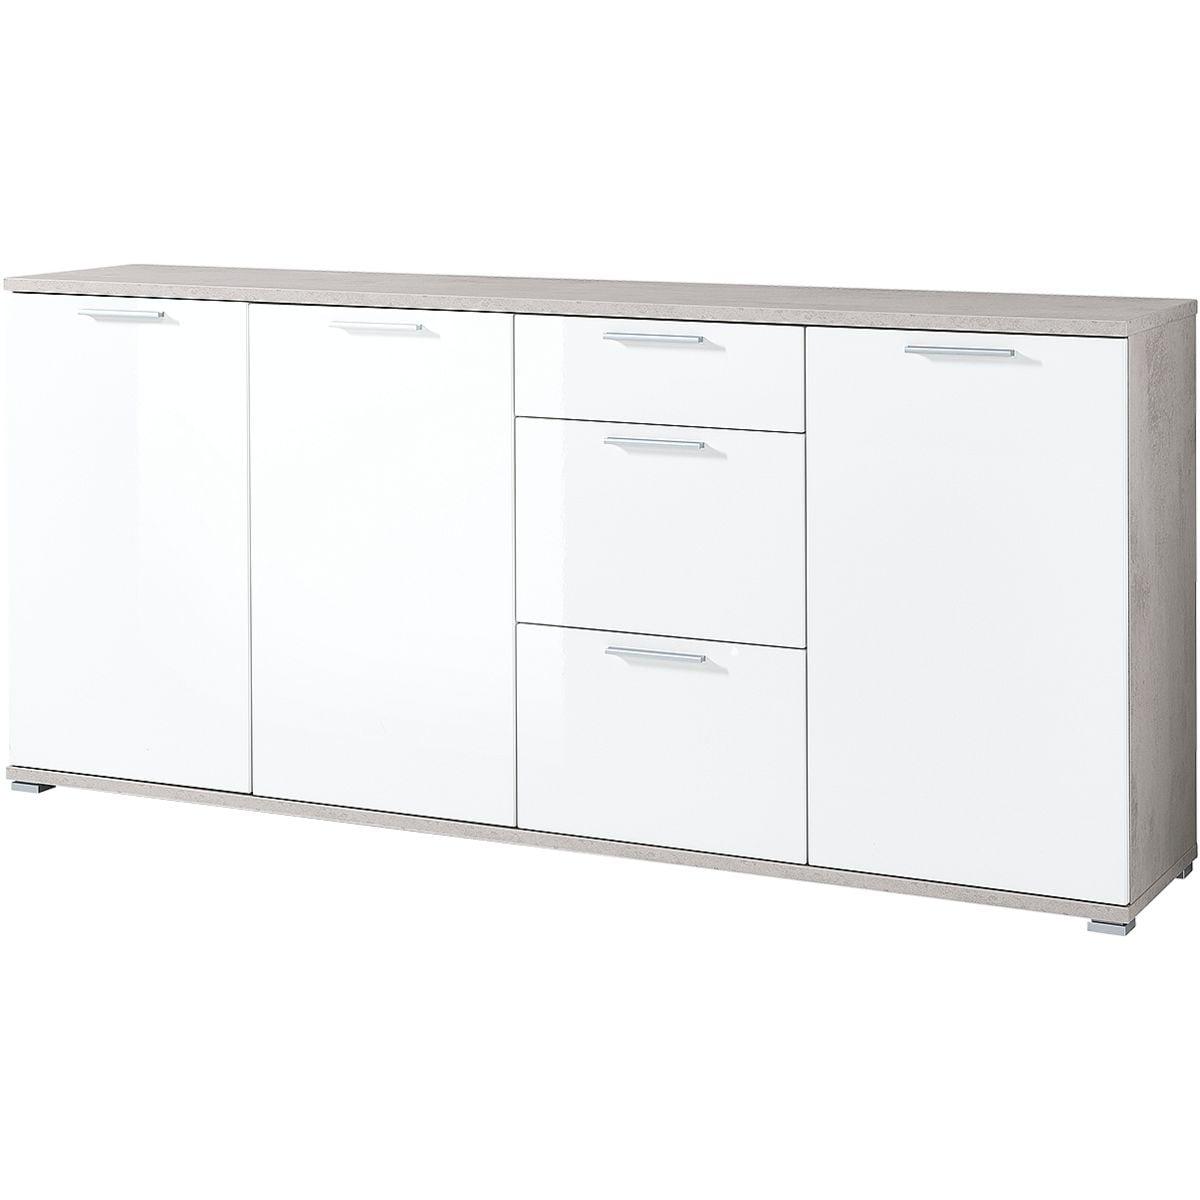 germania werke sideboard almeria 192 cm bei otto office g nstig kaufen. Black Bedroom Furniture Sets. Home Design Ideas